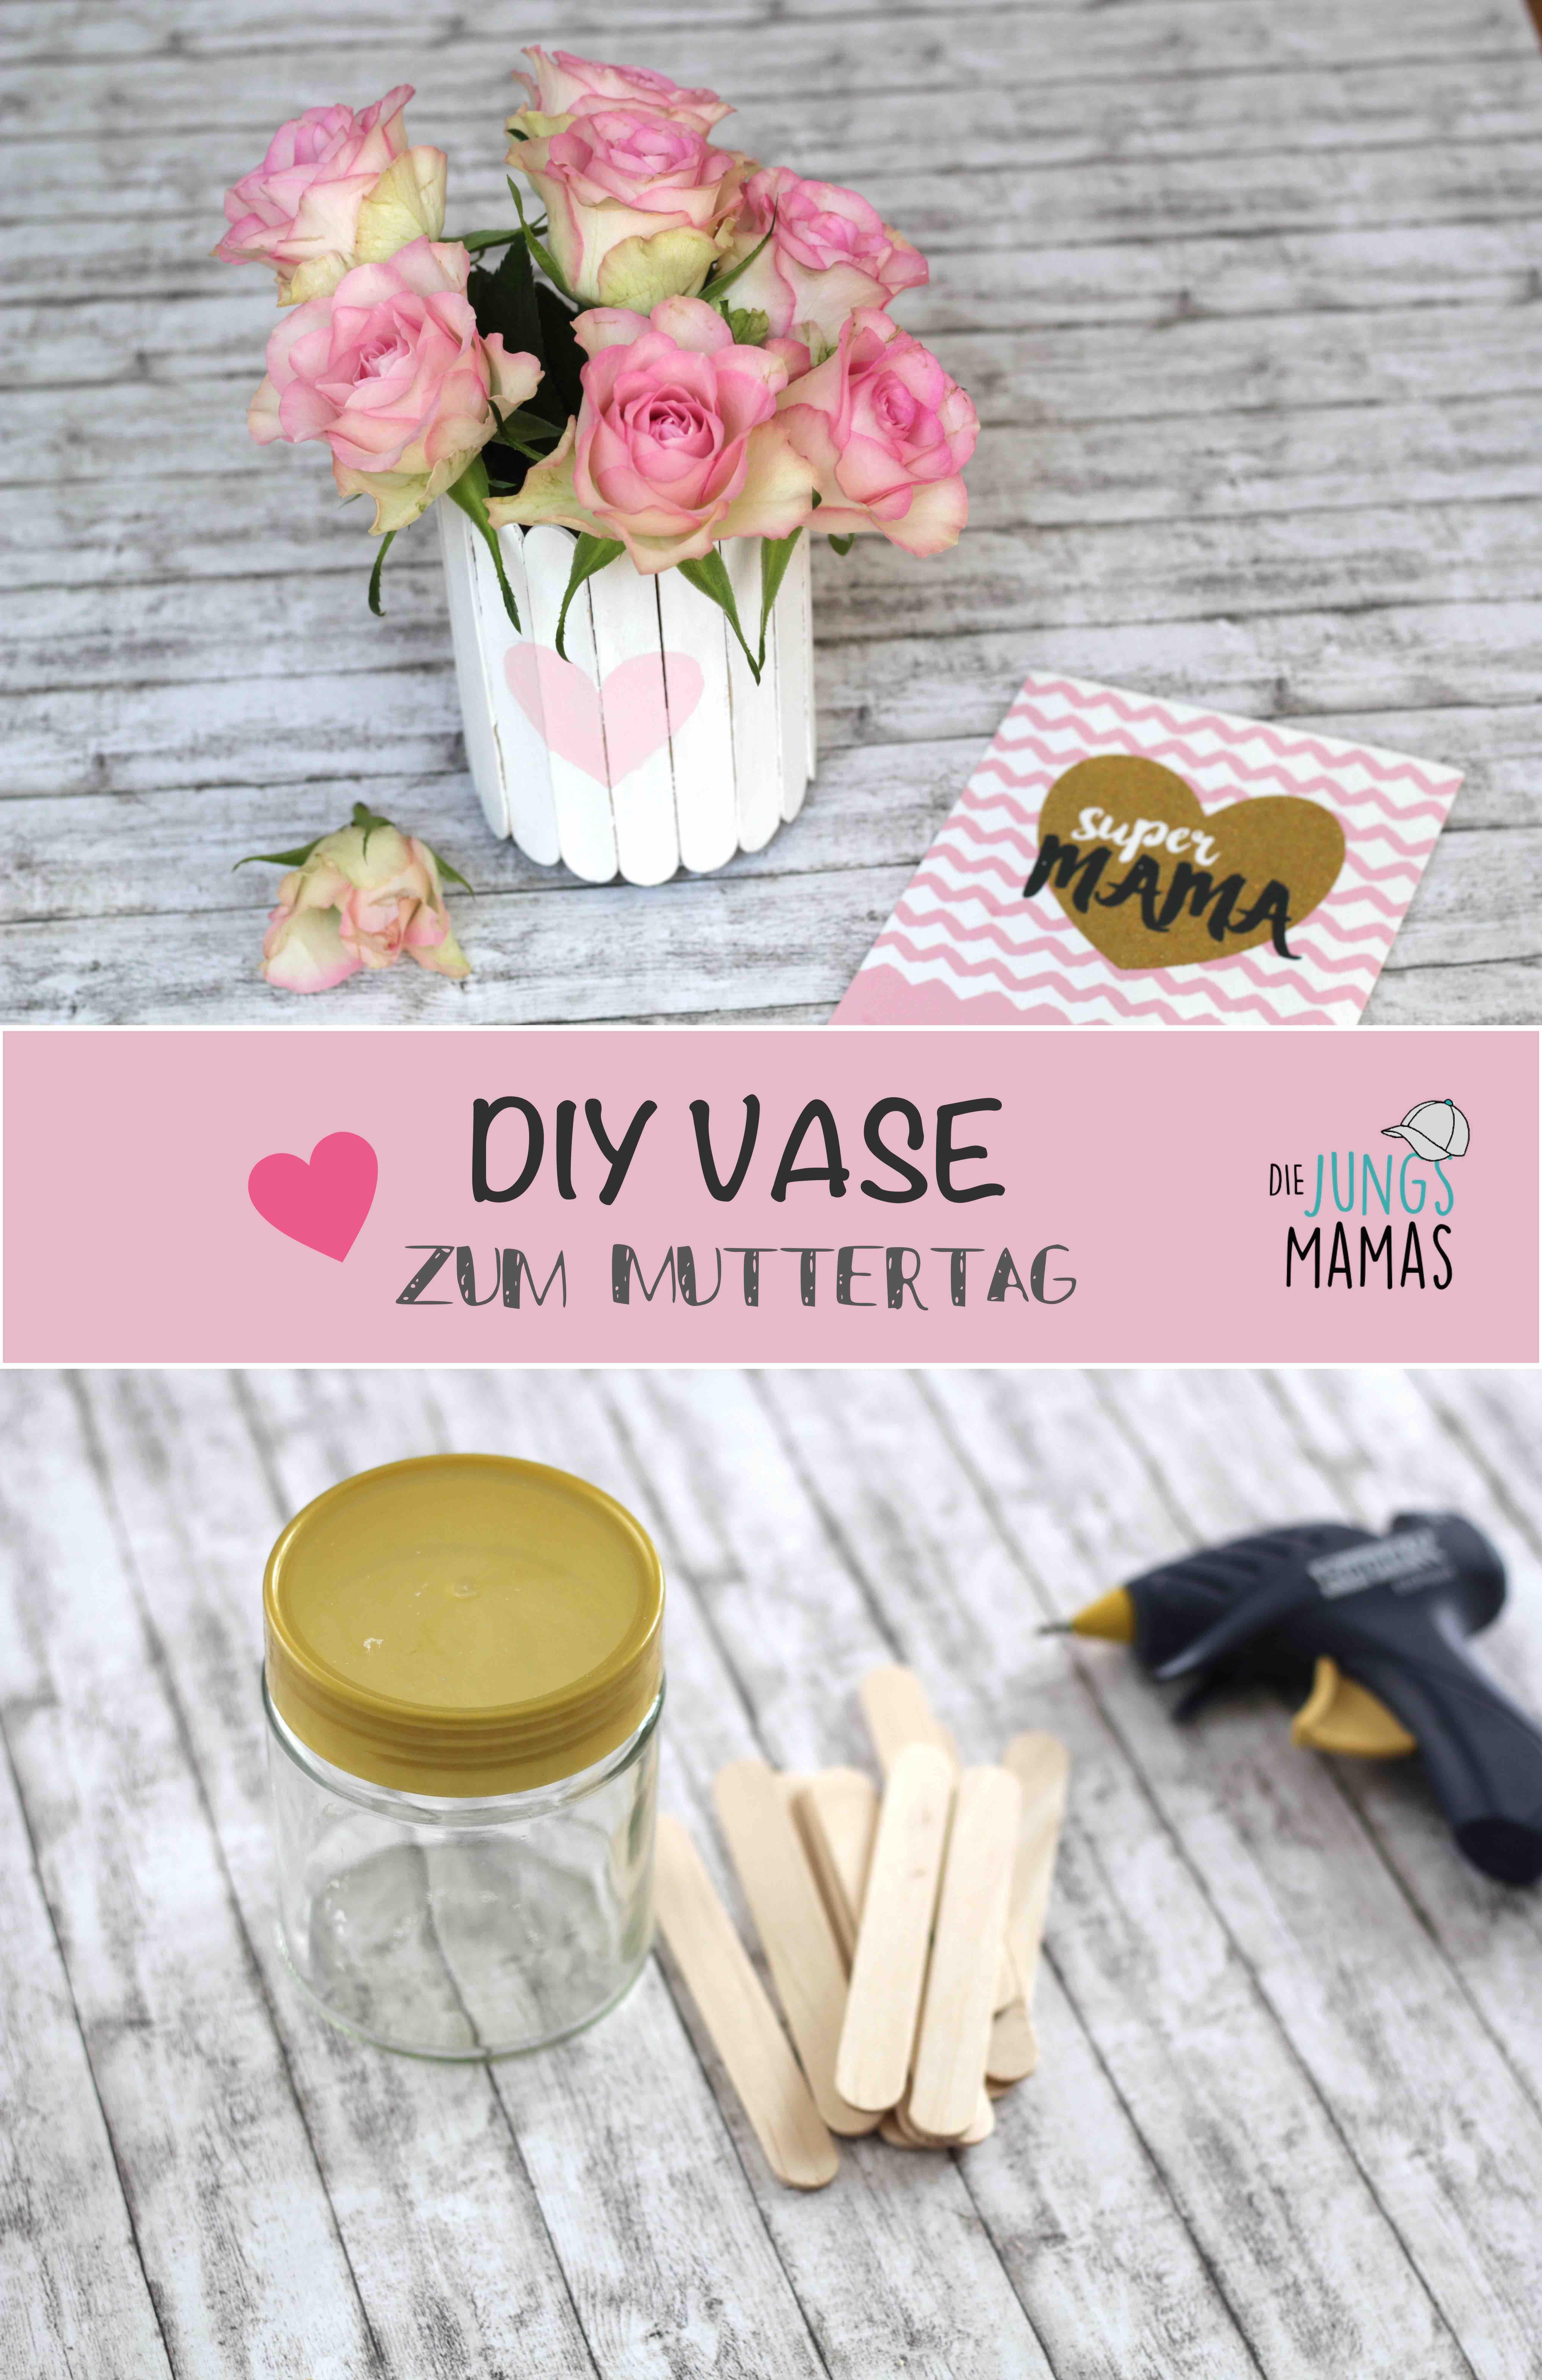 diy vase zum muttertag muttertag geschenk basteln mothers day diy pinterest muttertag. Black Bedroom Furniture Sets. Home Design Ideas